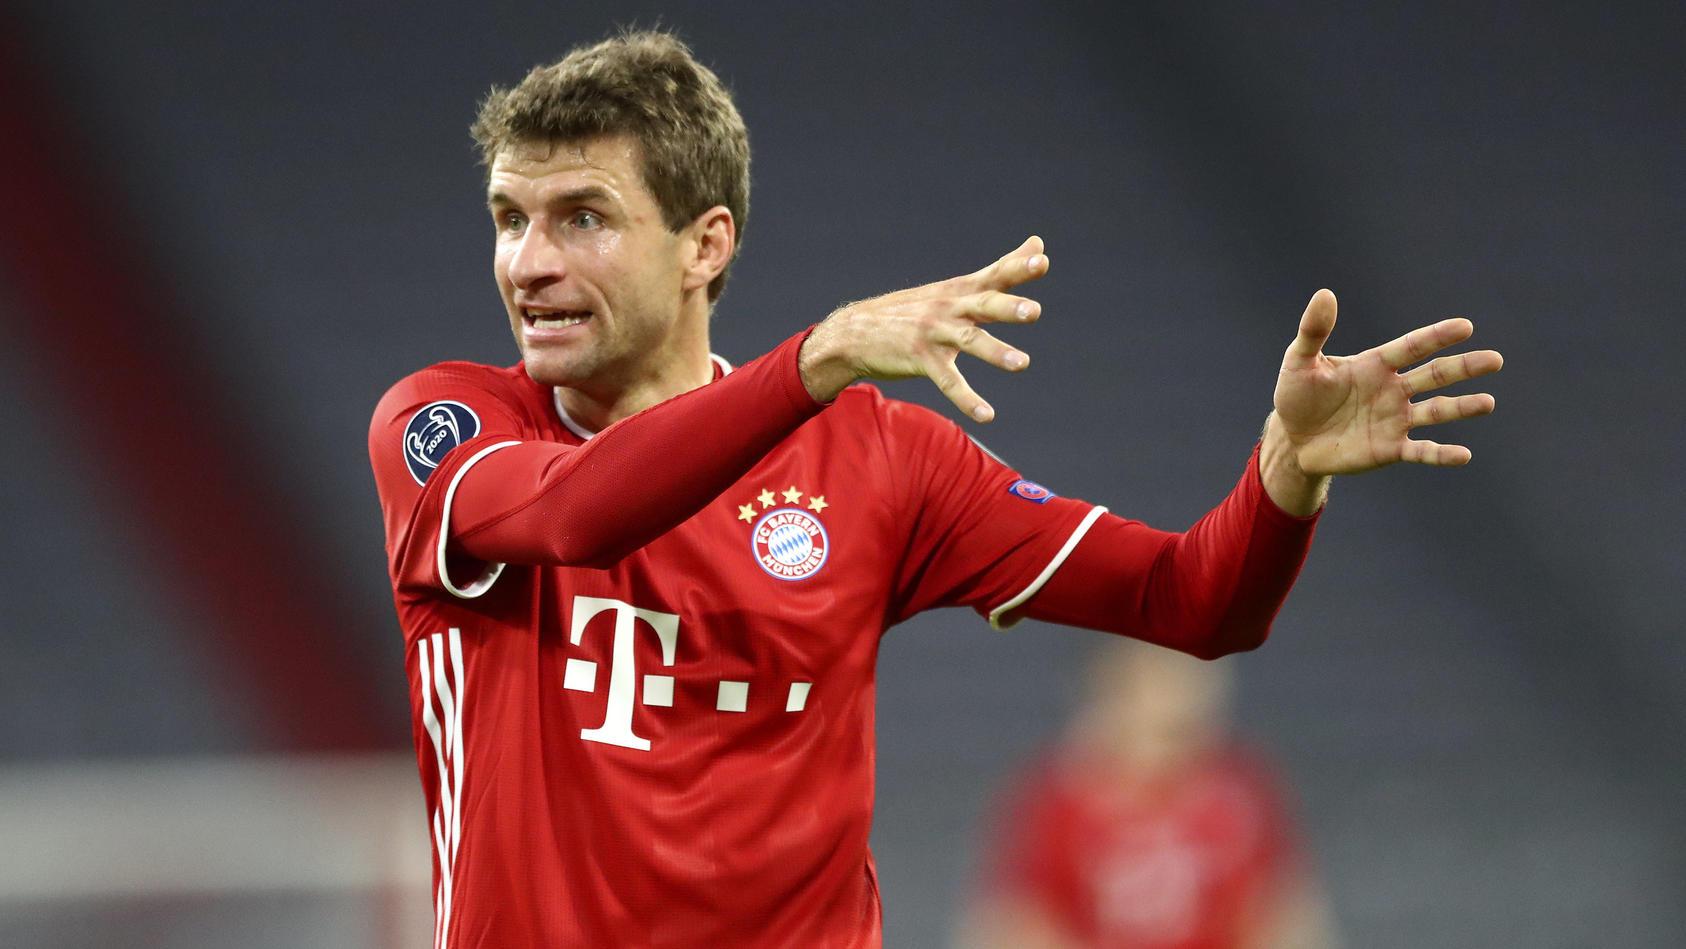 Thomas Müller im Spiel gegen Atlético Madrid.